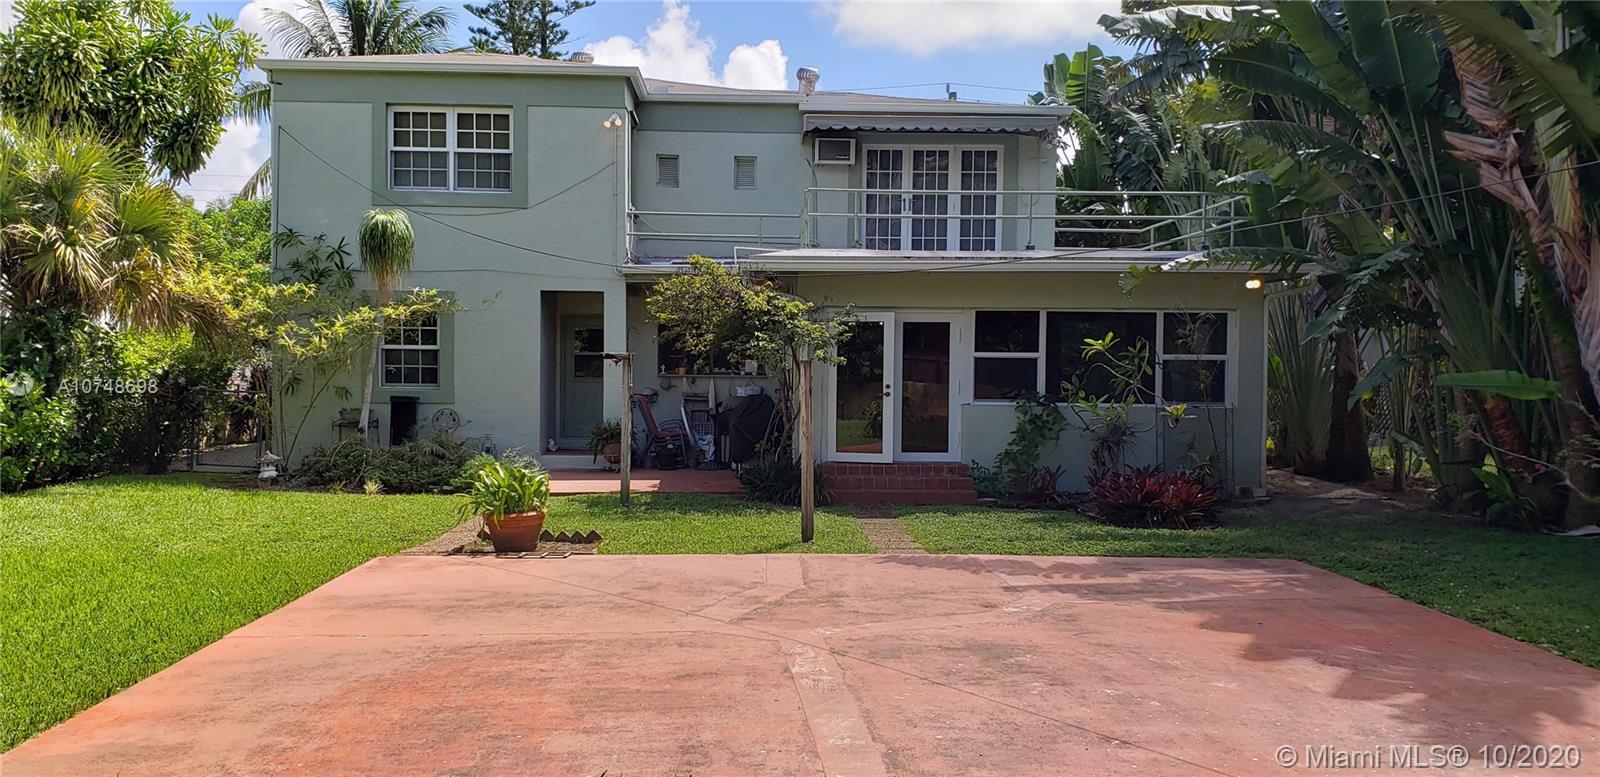 3426  Prairie Ave  For Sale A10748698, FL